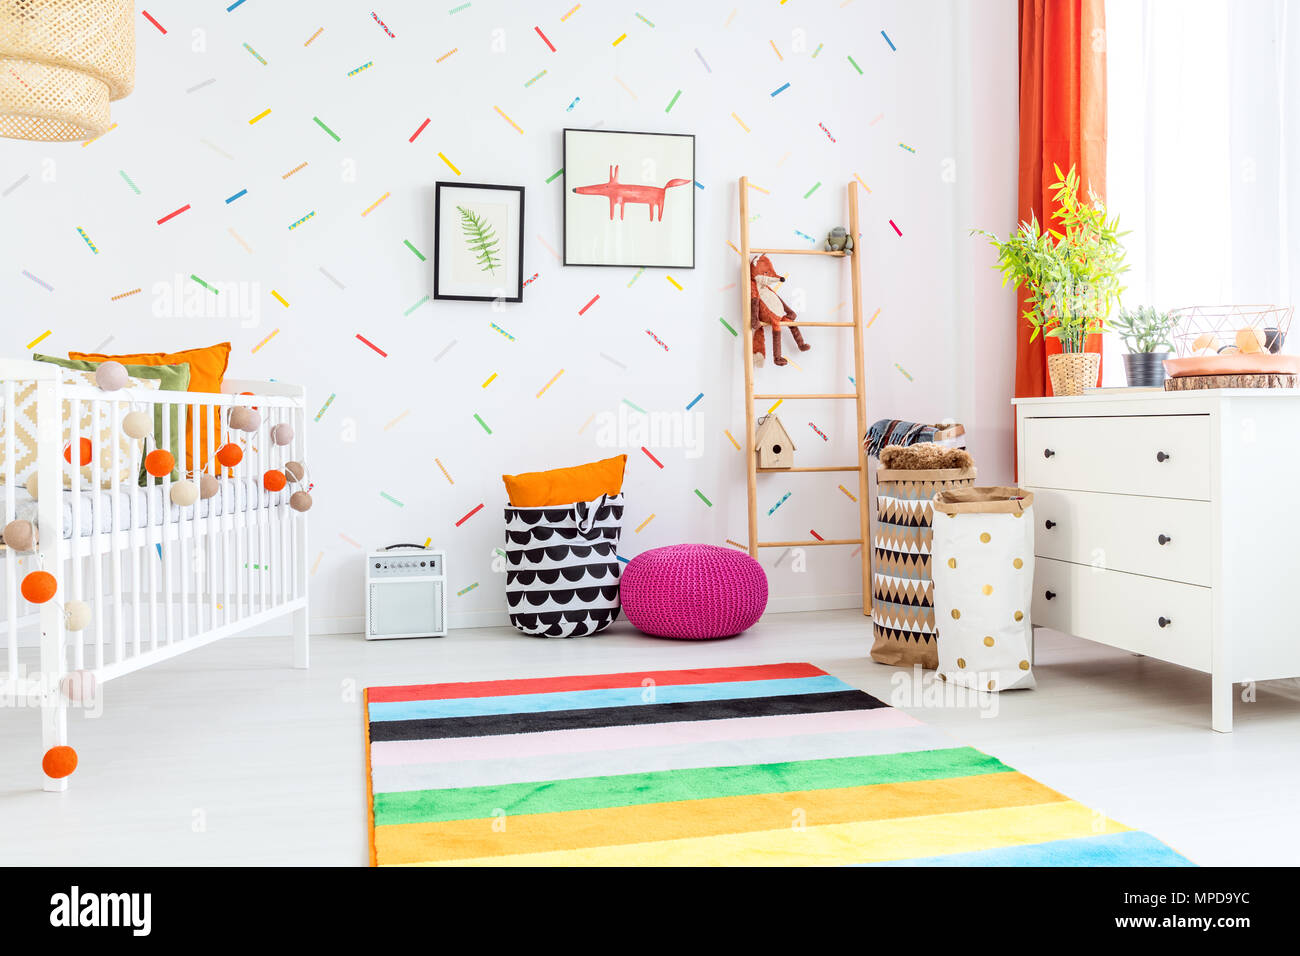 Licht Kinderzimmer Mit Weissen Kommode Und Bunten Teppich Stockfoto